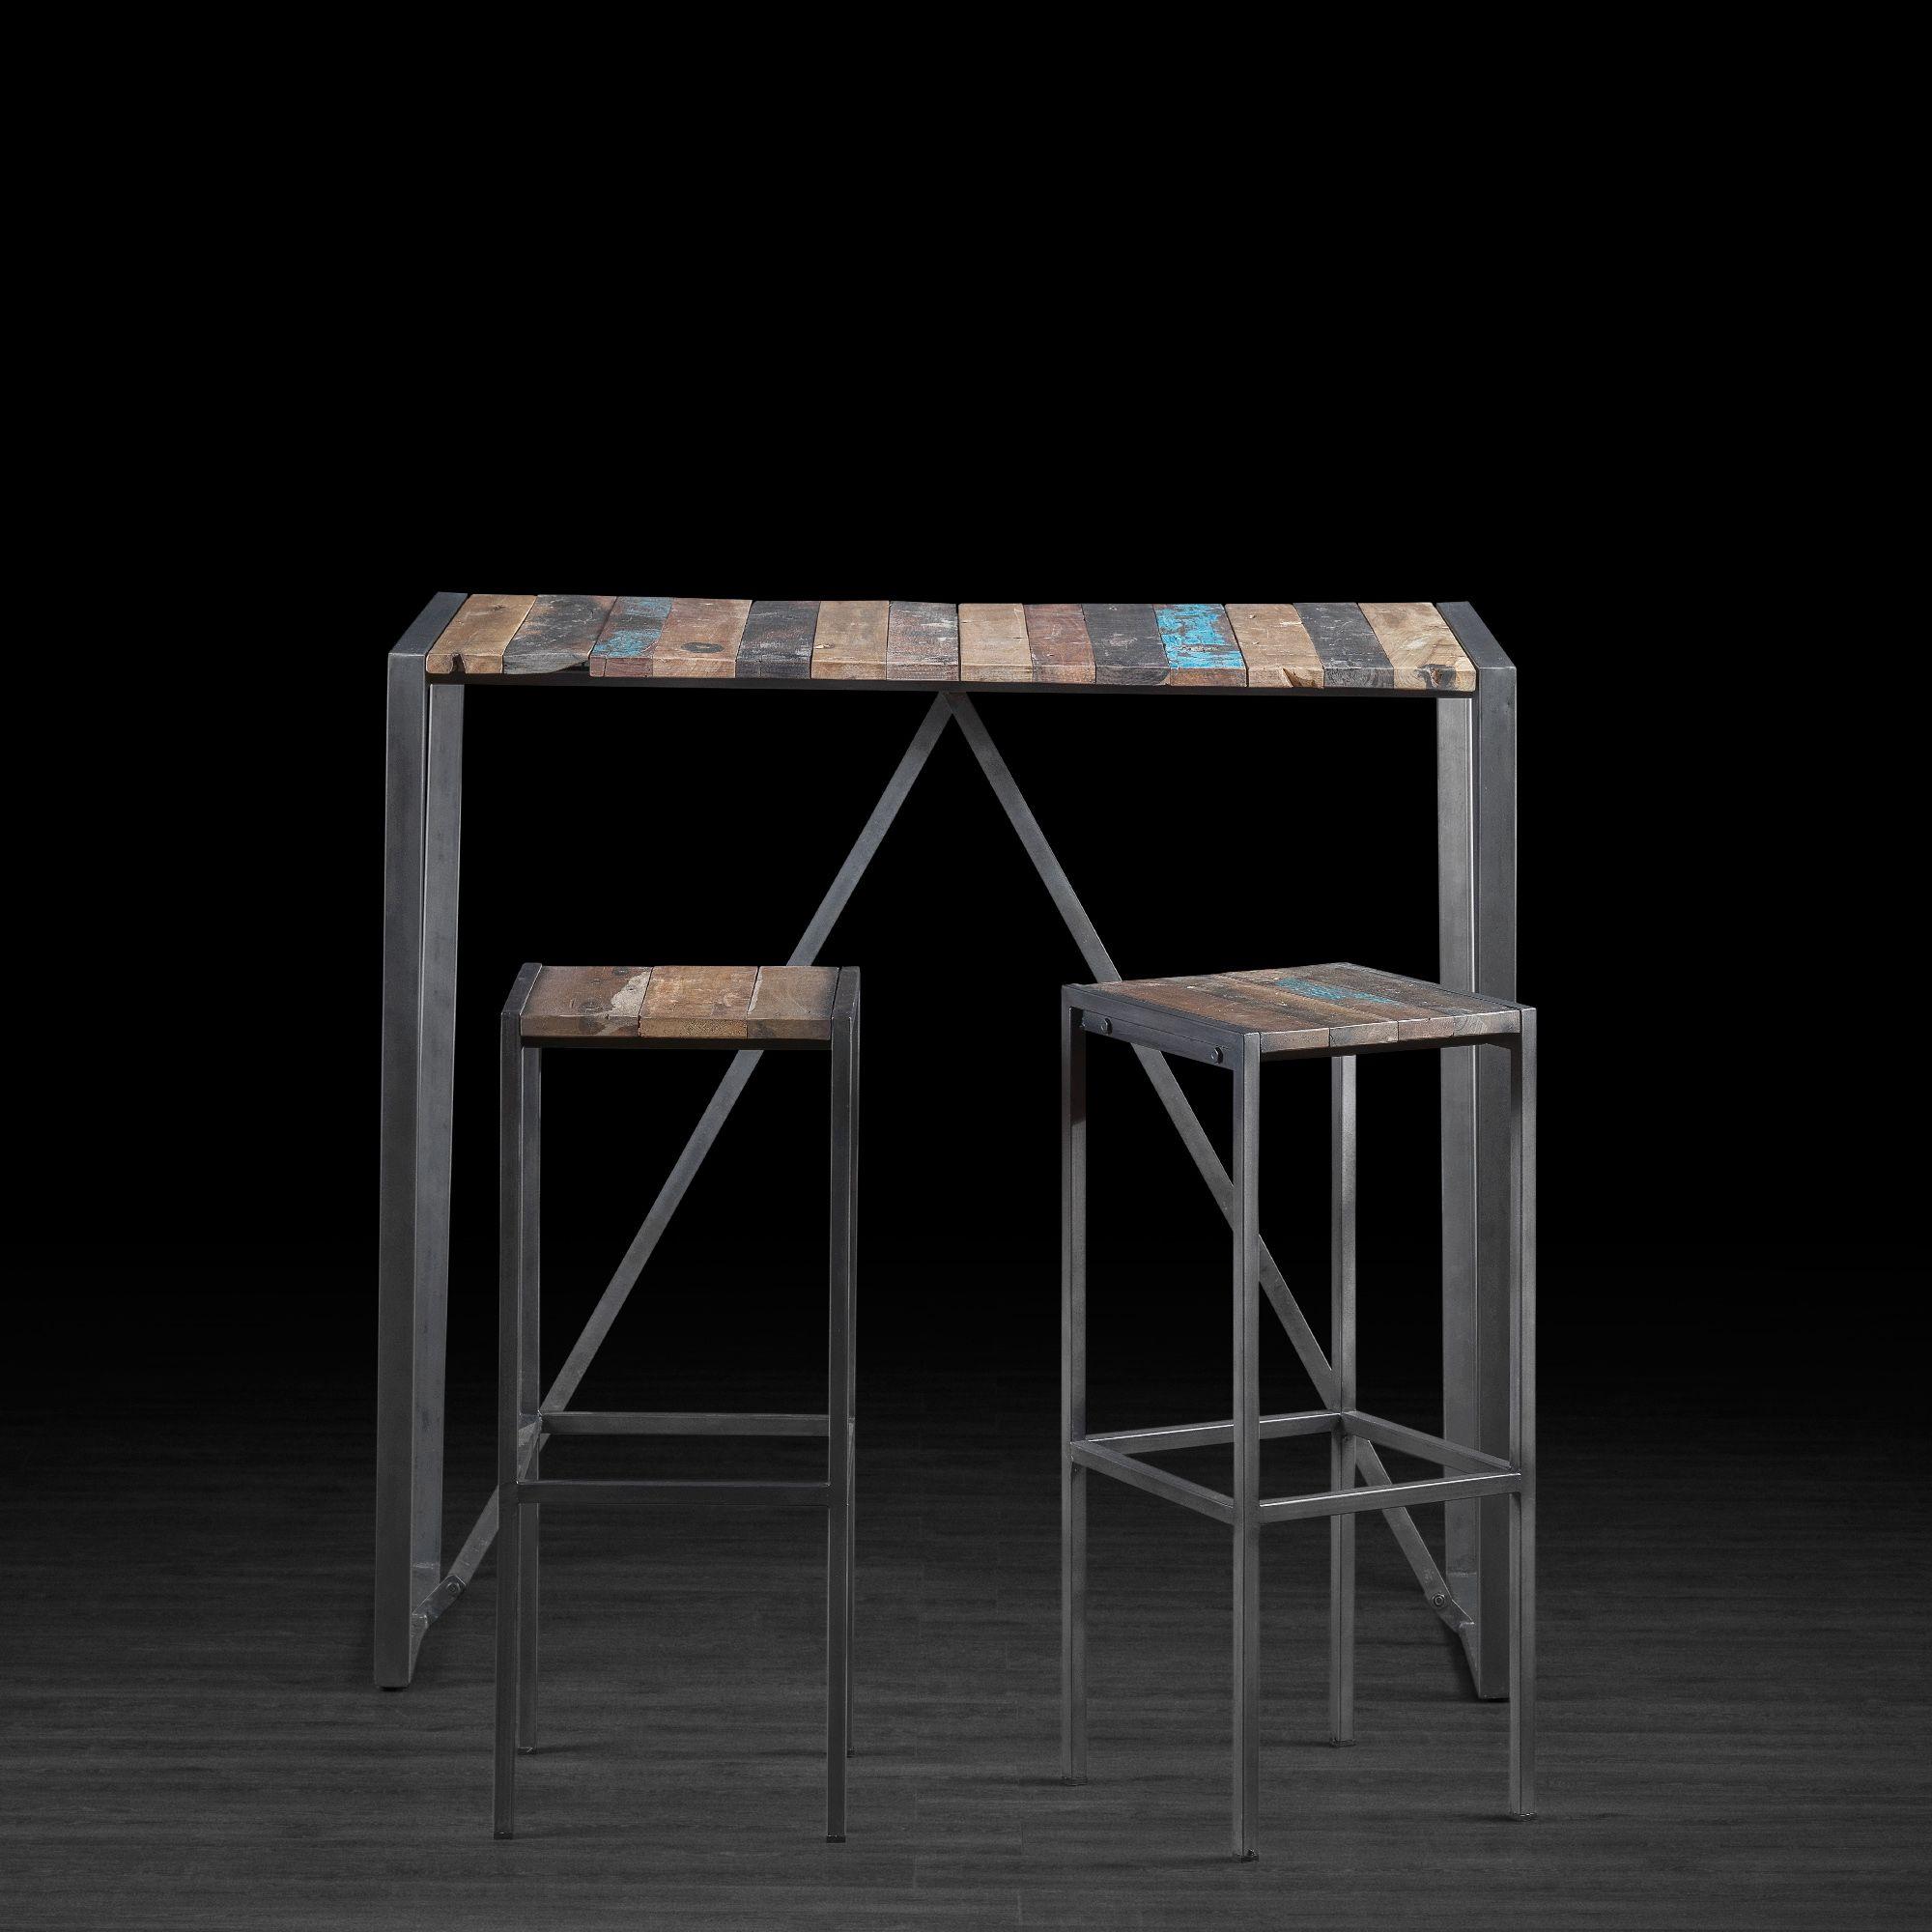 Table de bar en bois recyclé de vieux bateau avec pattes en métal